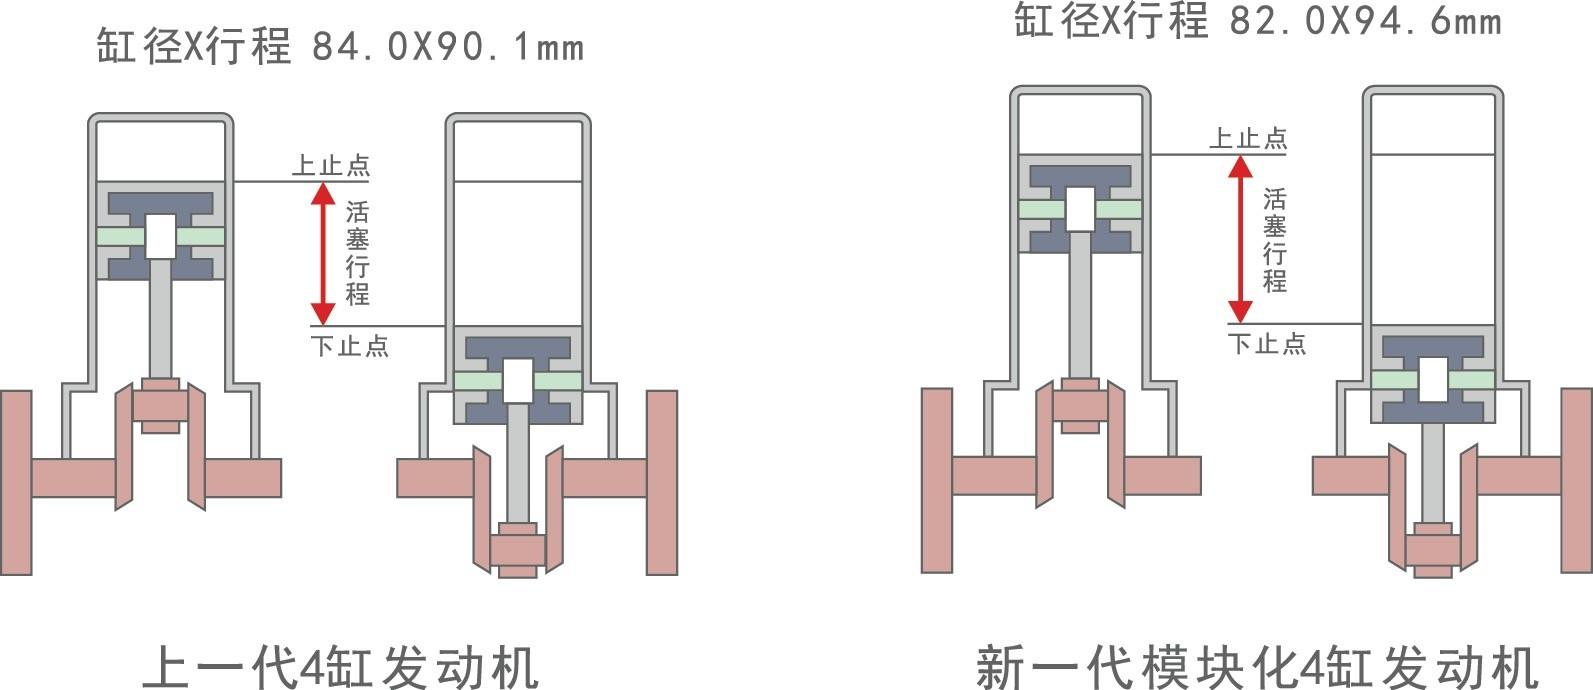 长冲程运动更有力,相比于之前打快拳的上代发动机,新发动机的扭矩有了明显提升,对于驾驶者来说,在第一脚油里就能感觉到。我们以欧洲版本的F30 320i为例(国产发动机参数以未来厂家公布的数据为准),发动机从1350rpm就能爆发出290Nm的最大扭矩,比上一代多了20Nm,这几乎是市面上最早能爆发出最大扭矩的2.